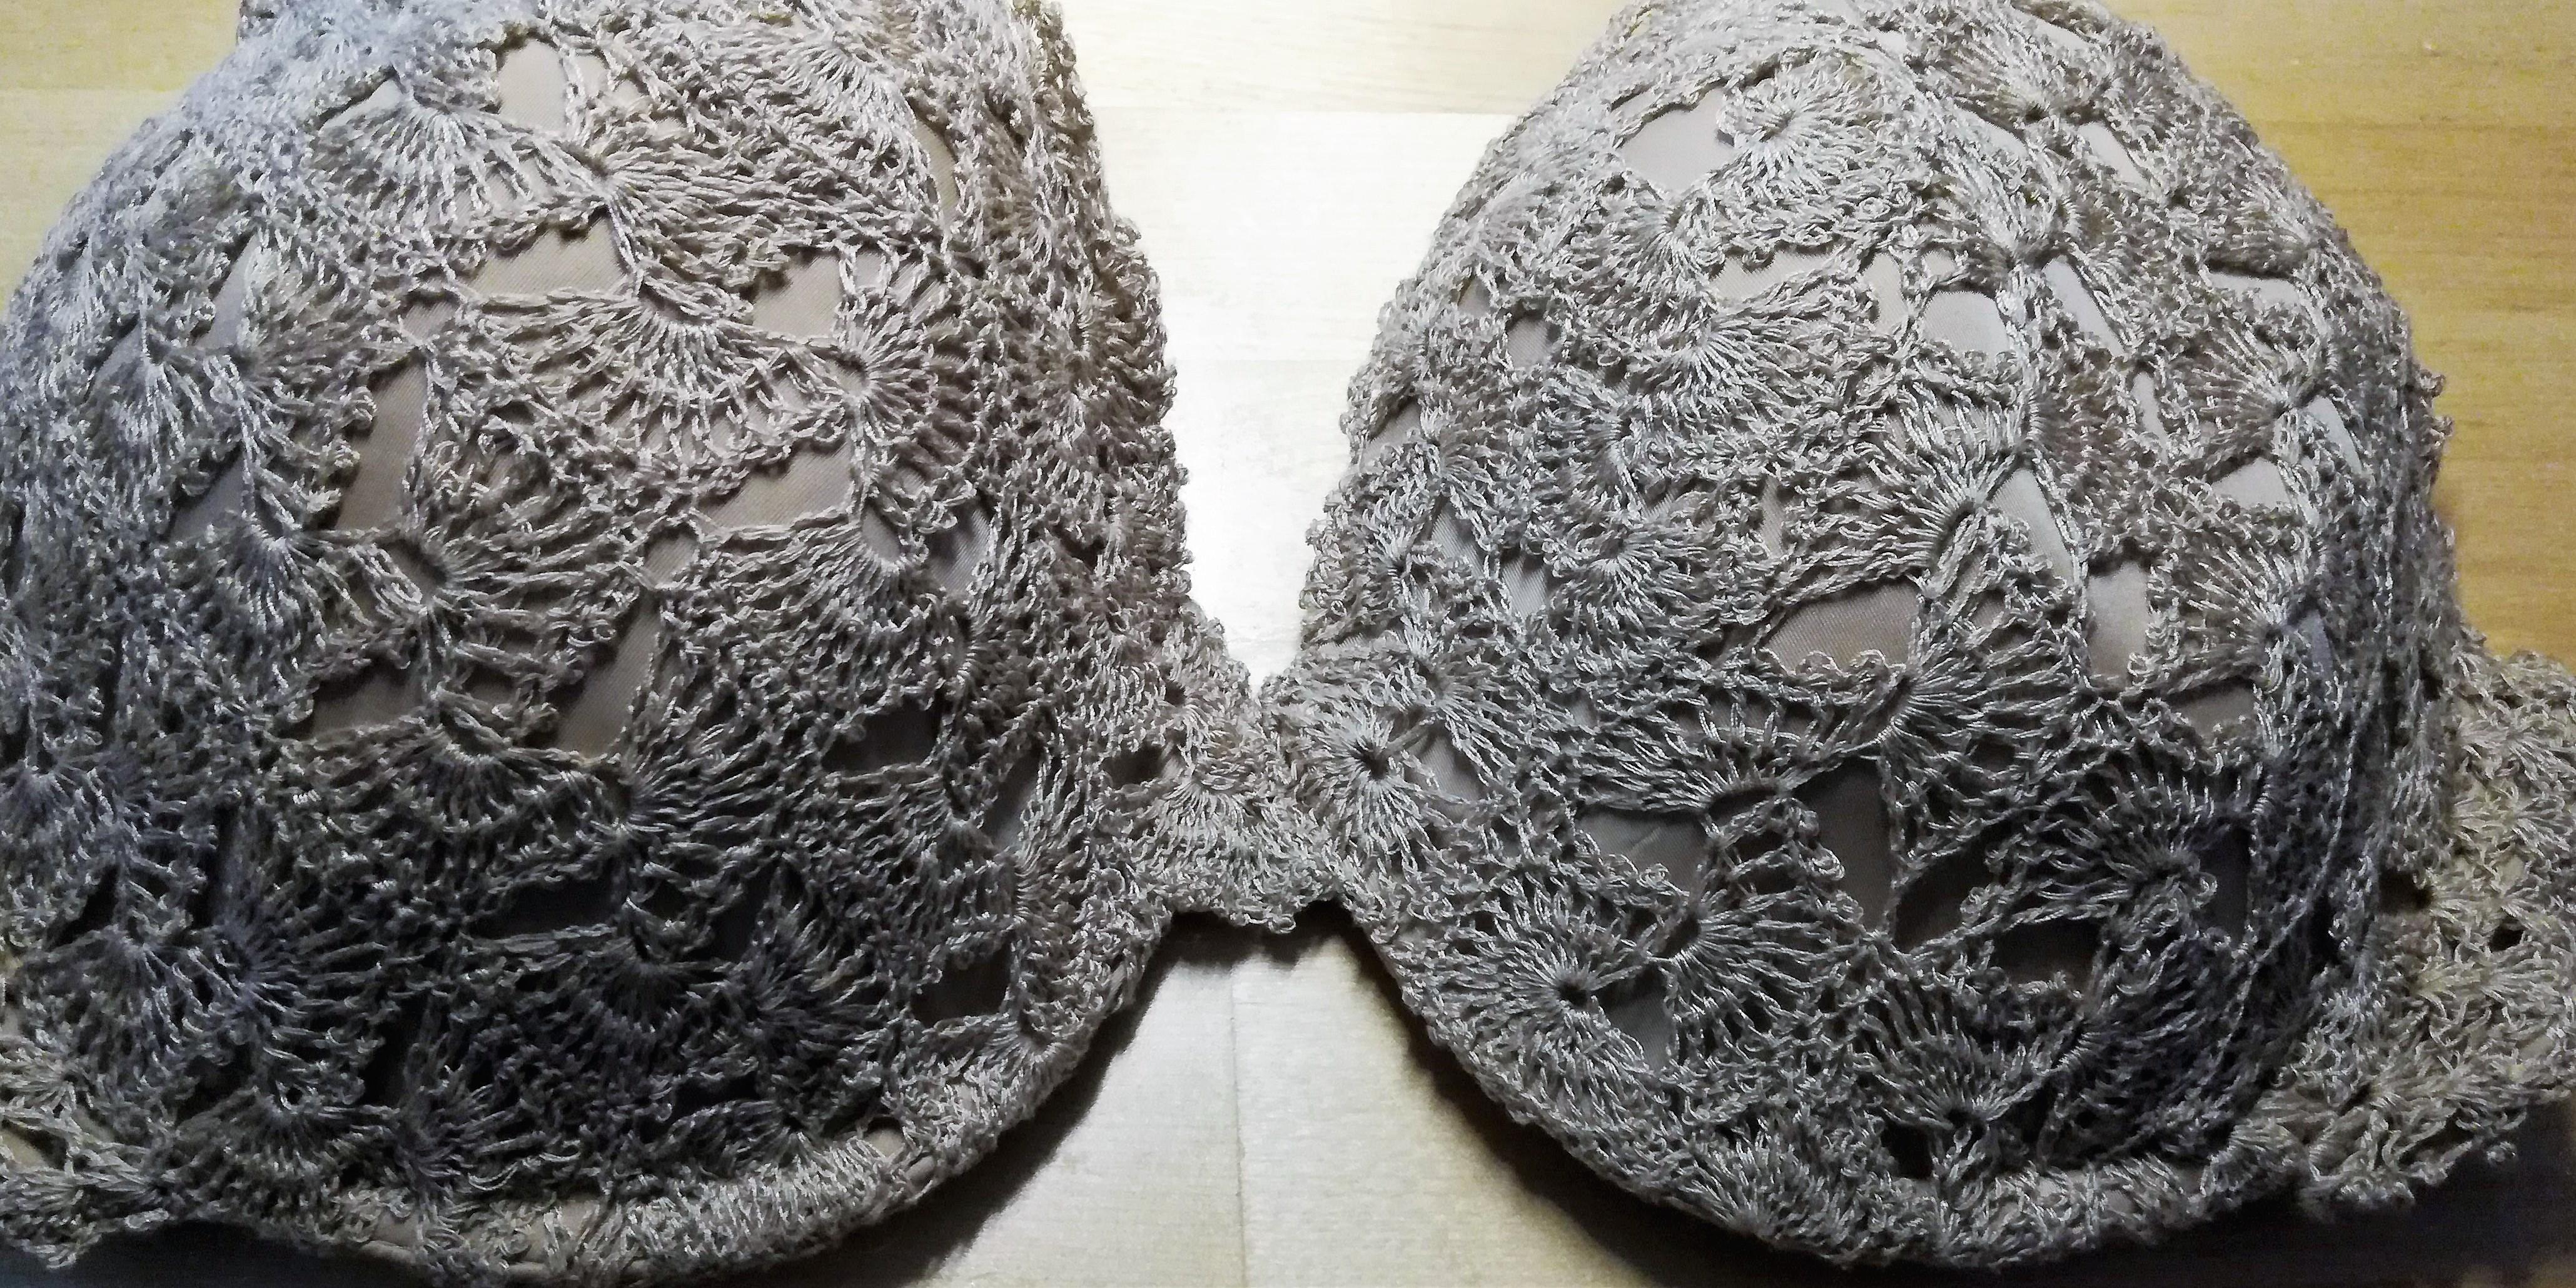 Кружевной купальник вязанный крючком, ручная работа | Crochet lace swimsuit